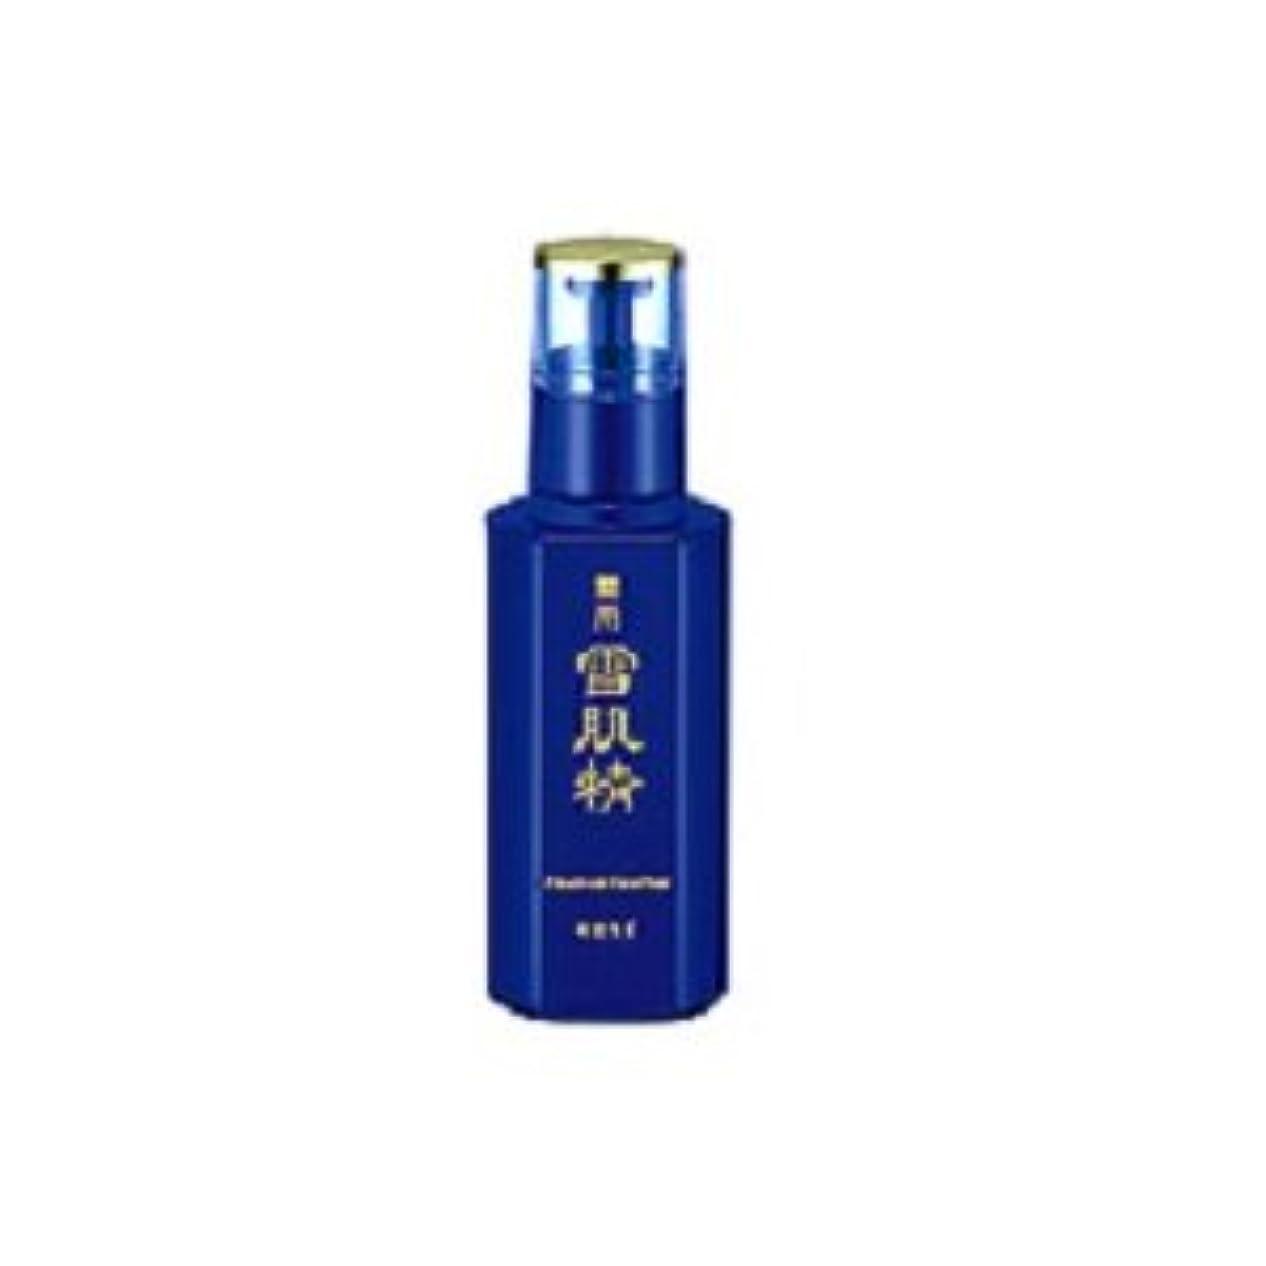 コンプリート優れたくちばしコーセー 薬用 雪肌精 乳液 エクセレント 140ml アウトレット